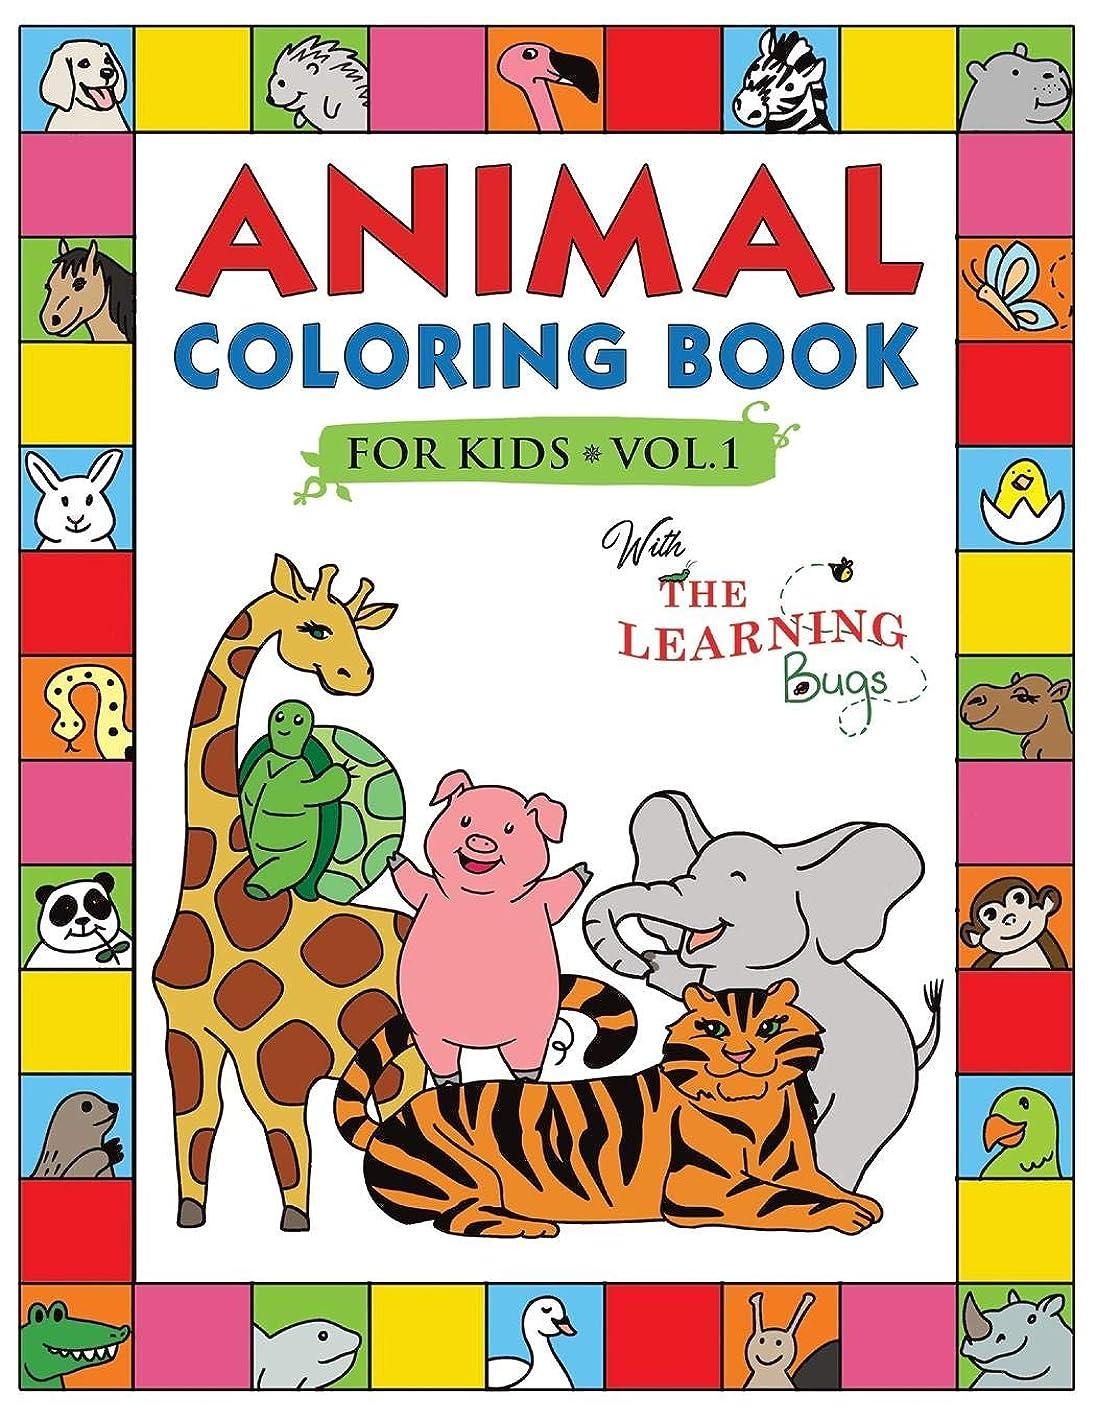 長々と阻害する静めるAnimal Coloring Book for Kids with The Learning Bugs Vol.1: Fun Children's Coloring Book for Toddlers & Kids Ages 3-8 with 50 Pages to Color & Learn the Animals & Fun Facts About Them